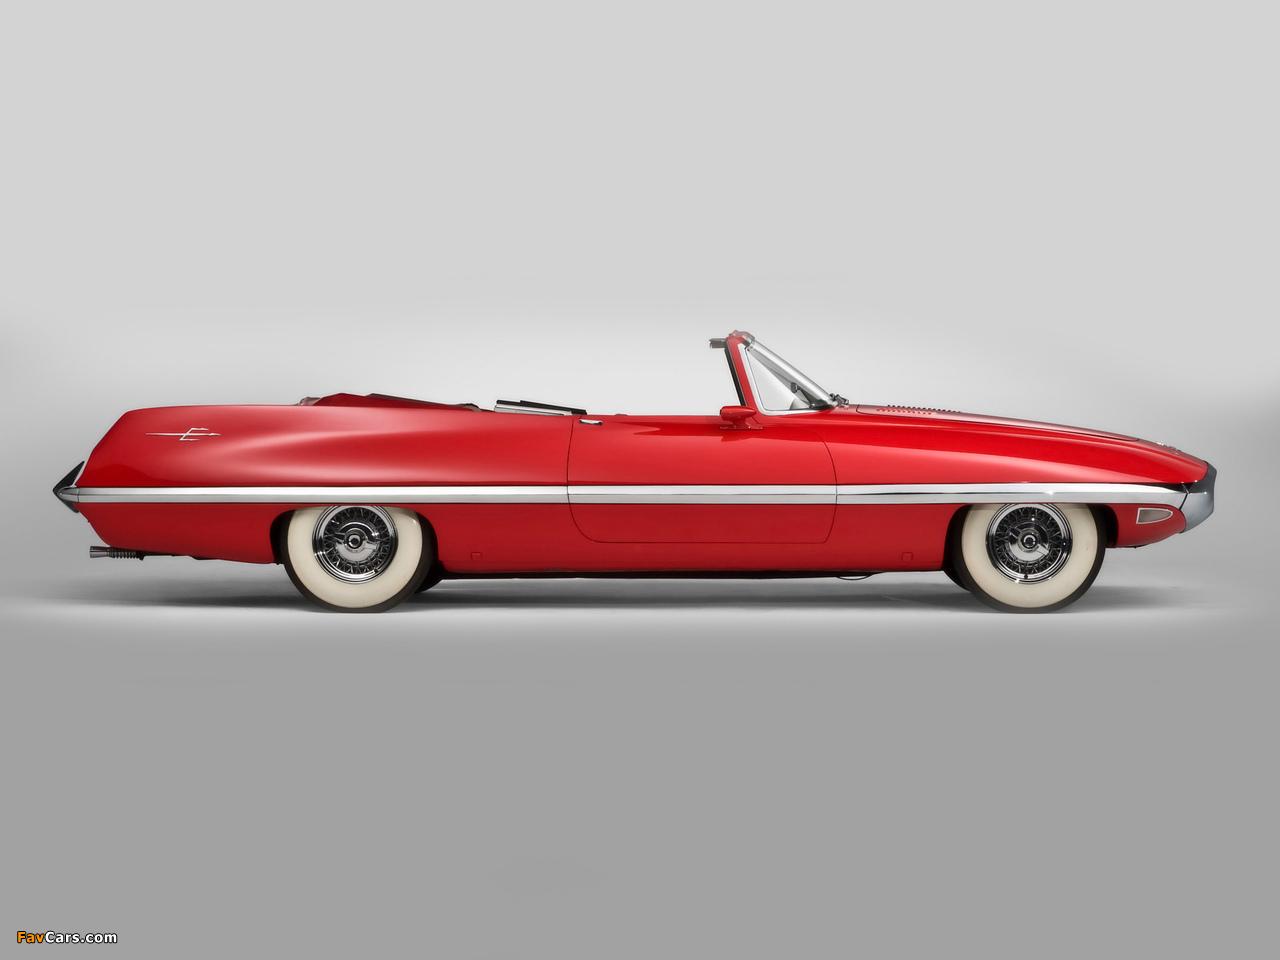 Images of Chrysler Diablo Concept Car 1957 (1280 x 960)